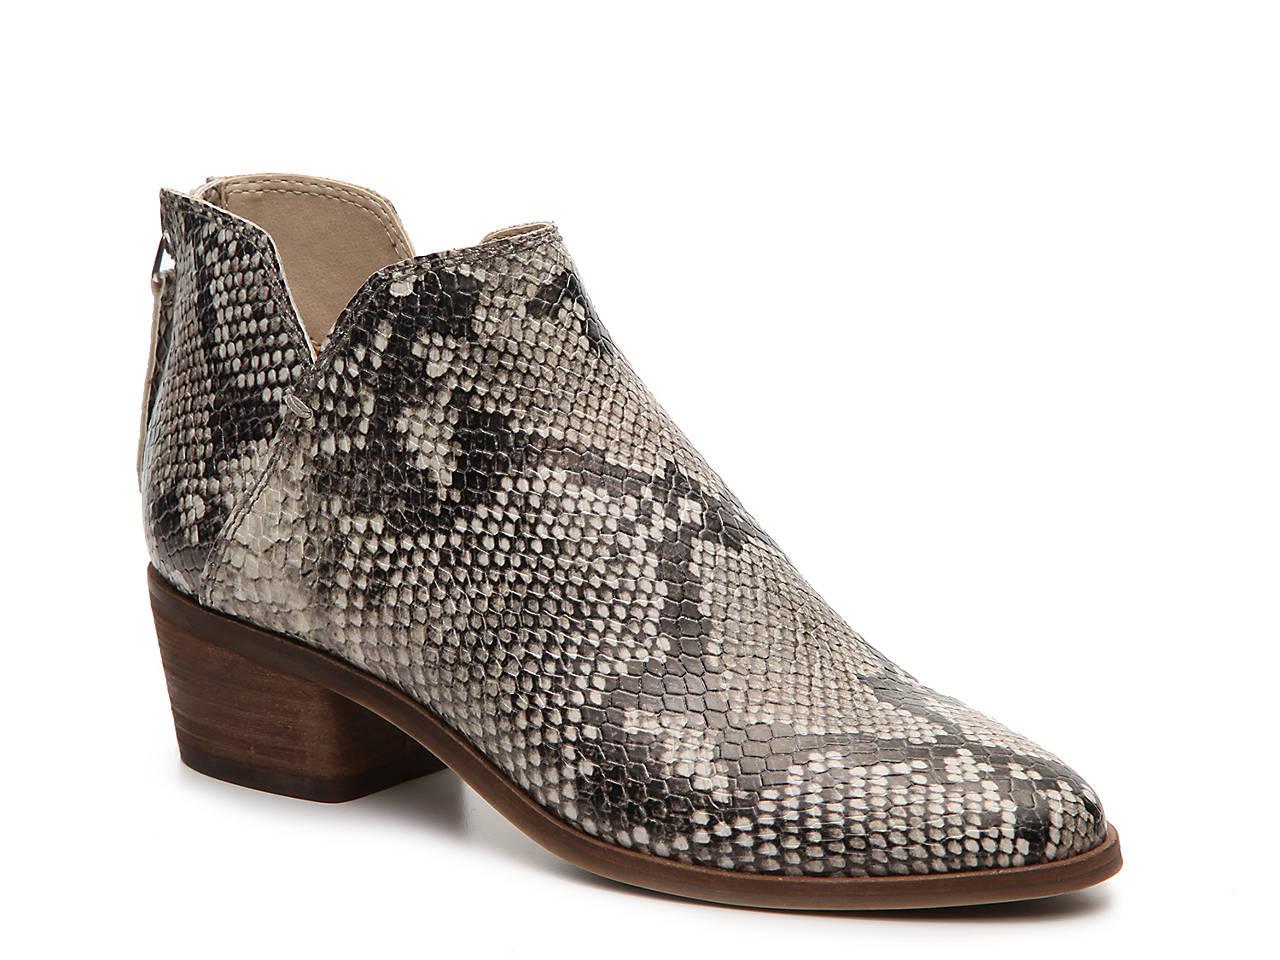 a466db698a6a Dolce Vita Karsen Bootie Women s Shoes